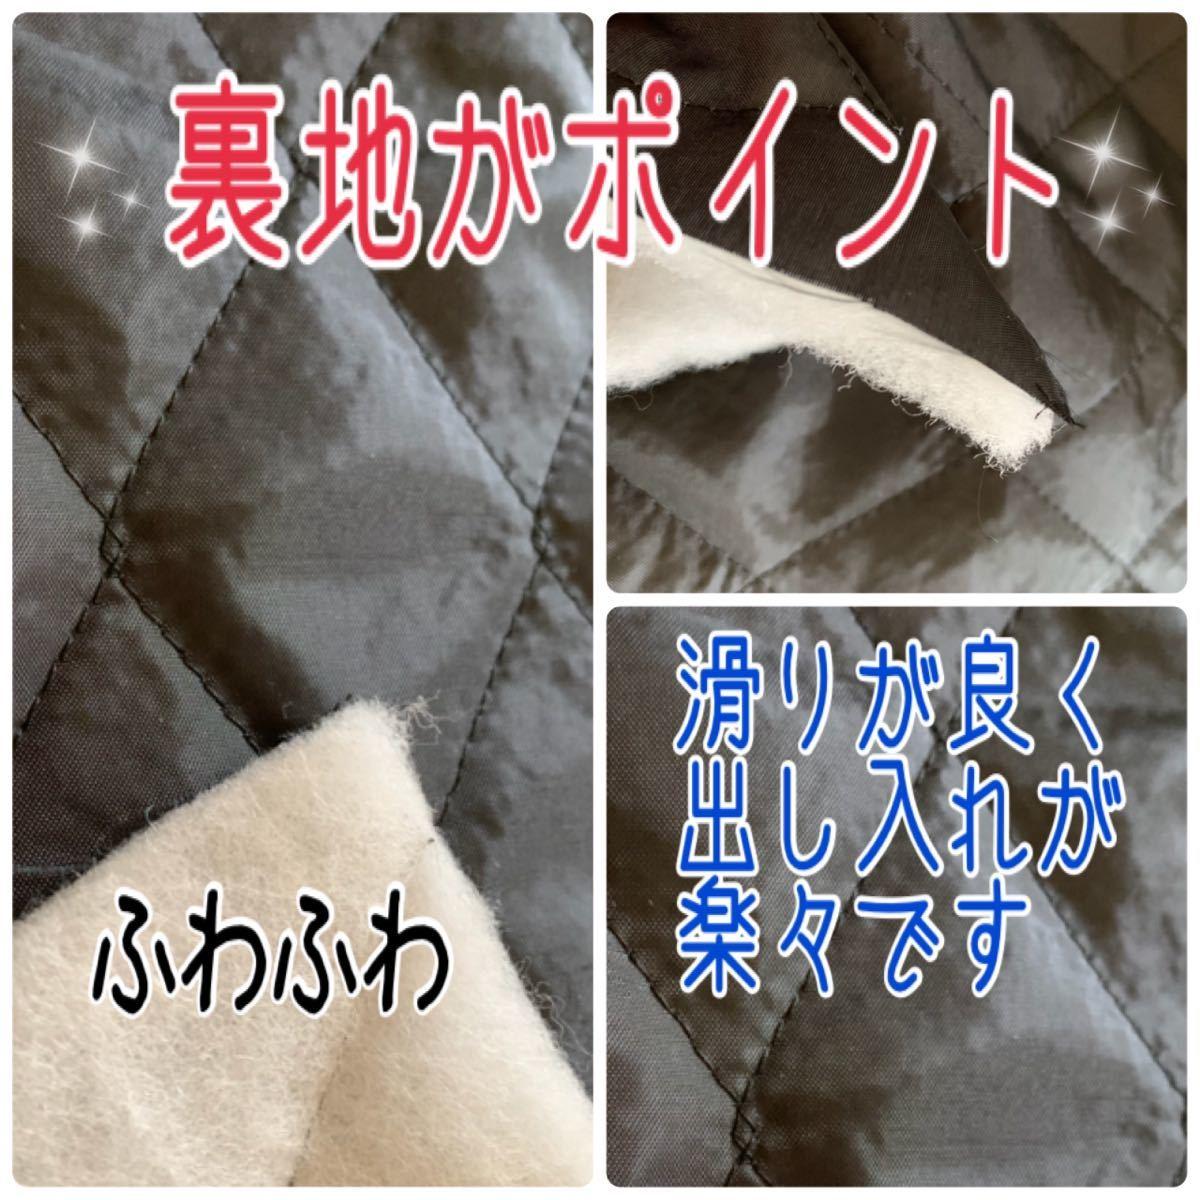 長財布も入る バックインバック ショルダー可能 北欧花 モノトーン柄白色 ハンドメイド